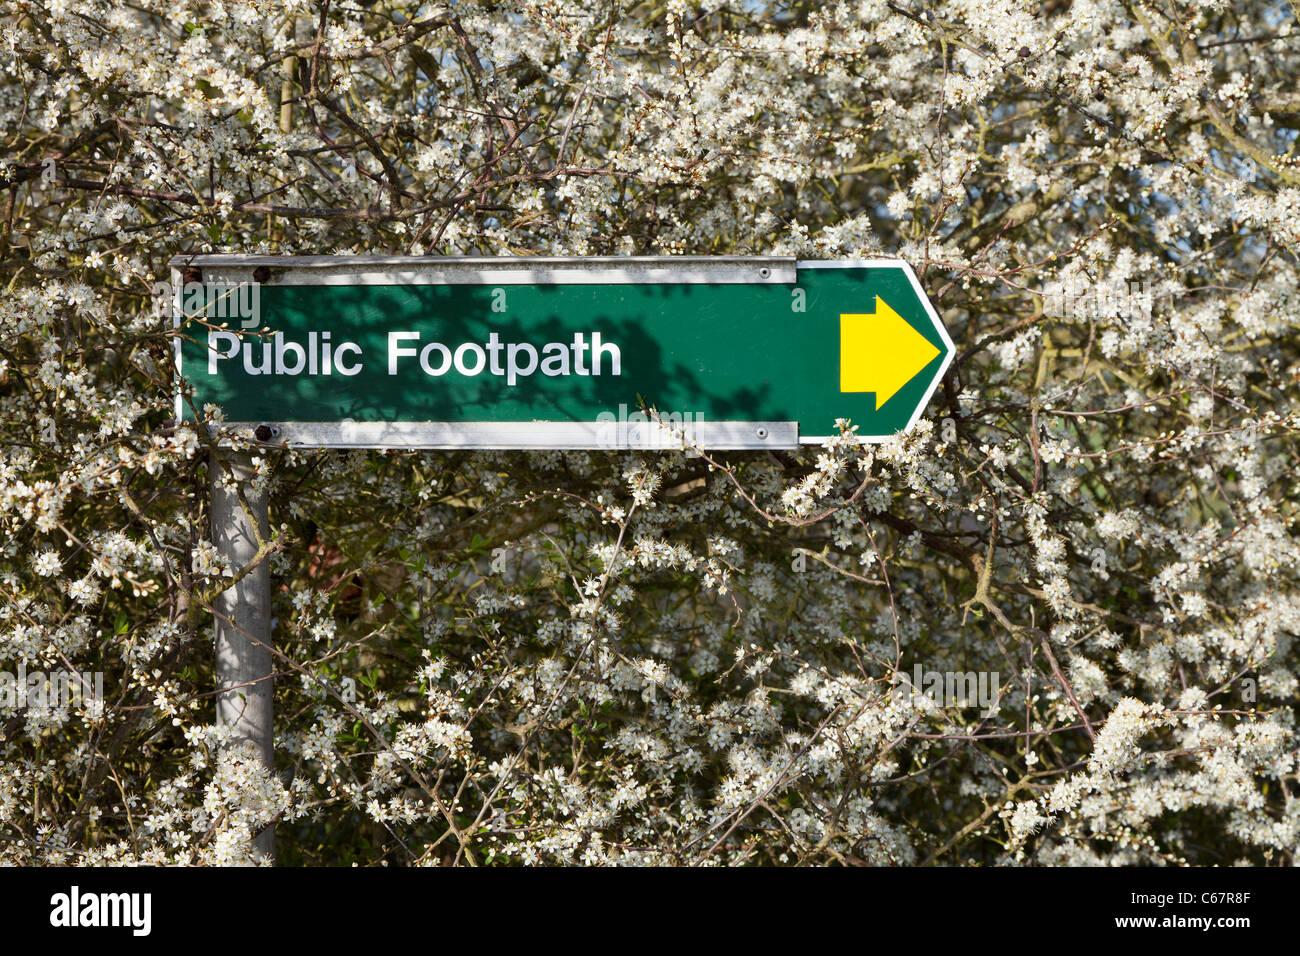 Metall öffentlichen Fußweg Richtung Zeichen gelber Pfeil frischen Frühling weiße Blüte Stockbild